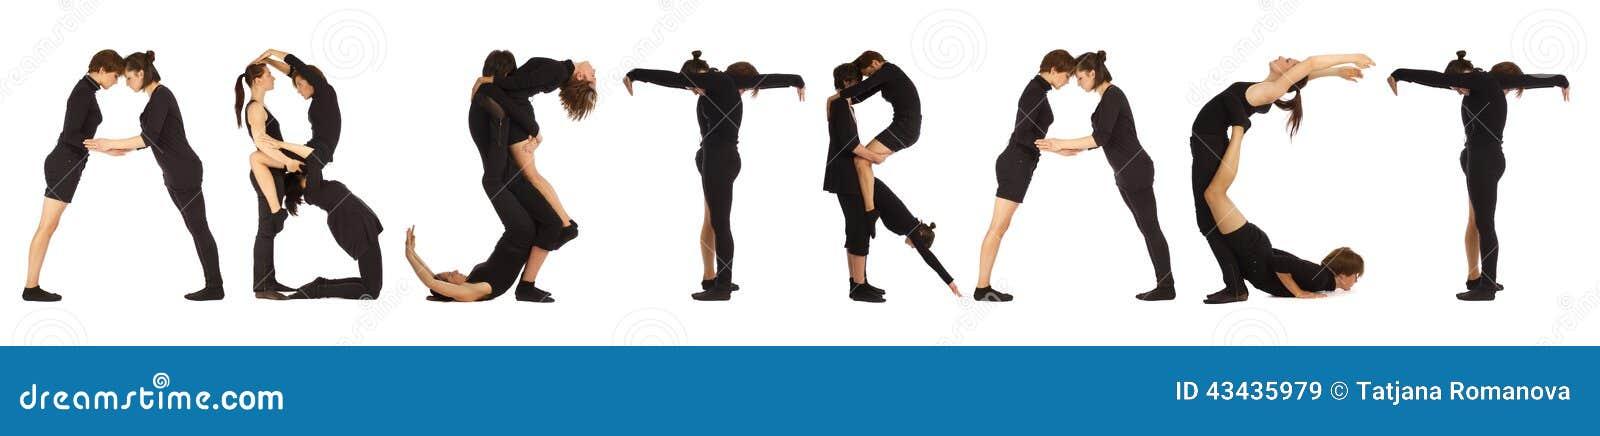 Gente vestida negro que forma palabra ABSTRACTA